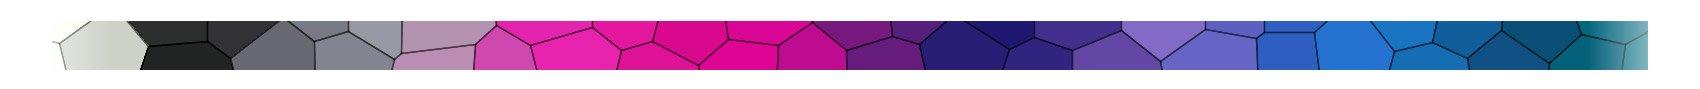 farbberatung so findet ihr die farben die zu euch. Black Bedroom Furniture Sets. Home Design Ideas